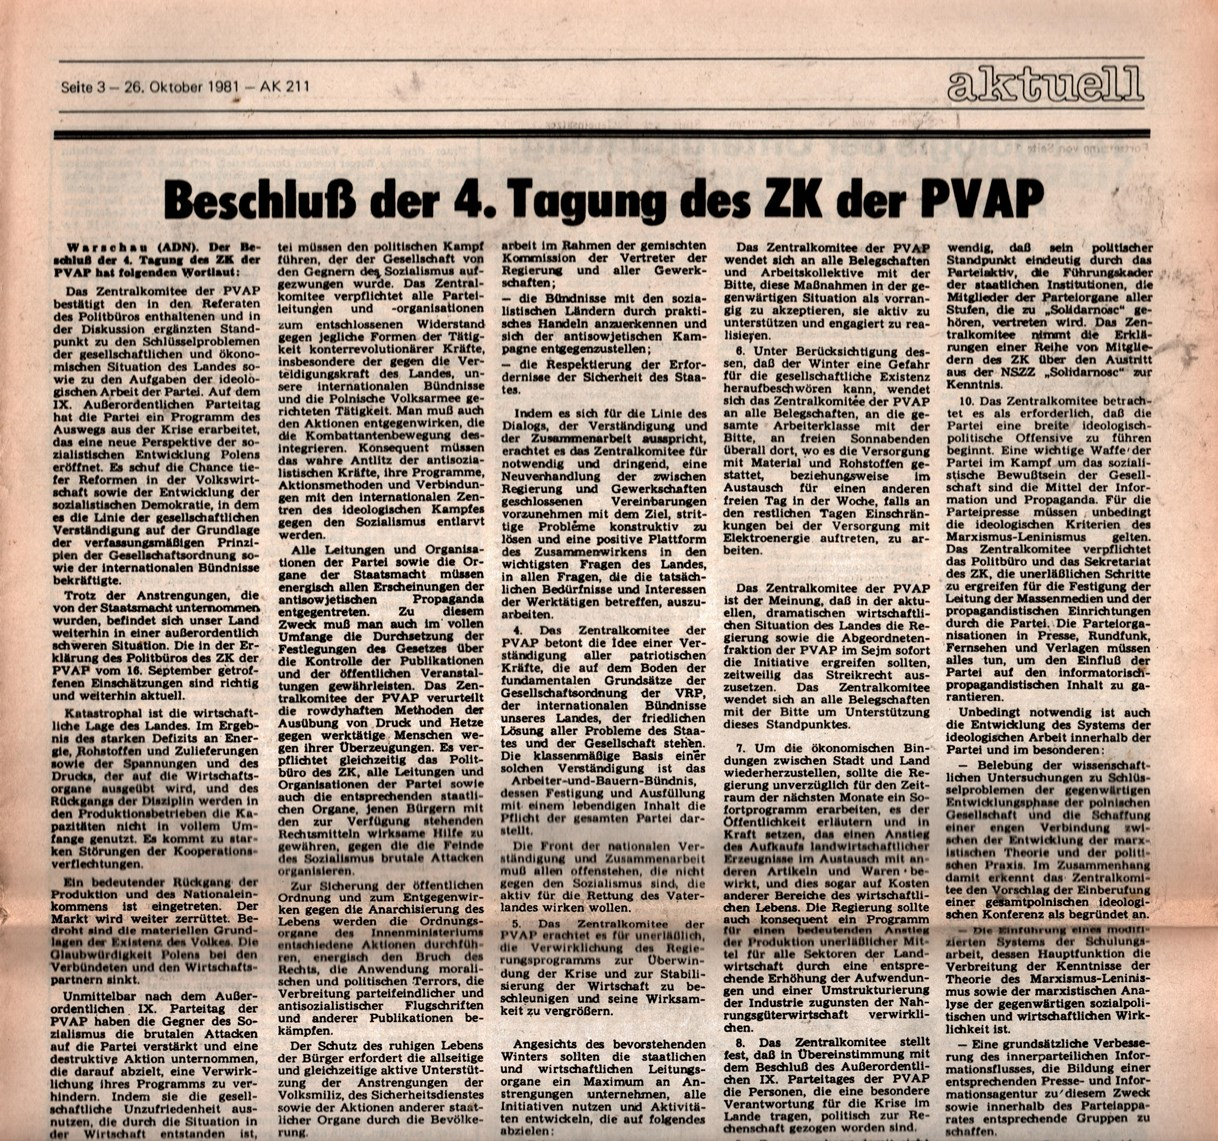 KB_AK_1981_211_005